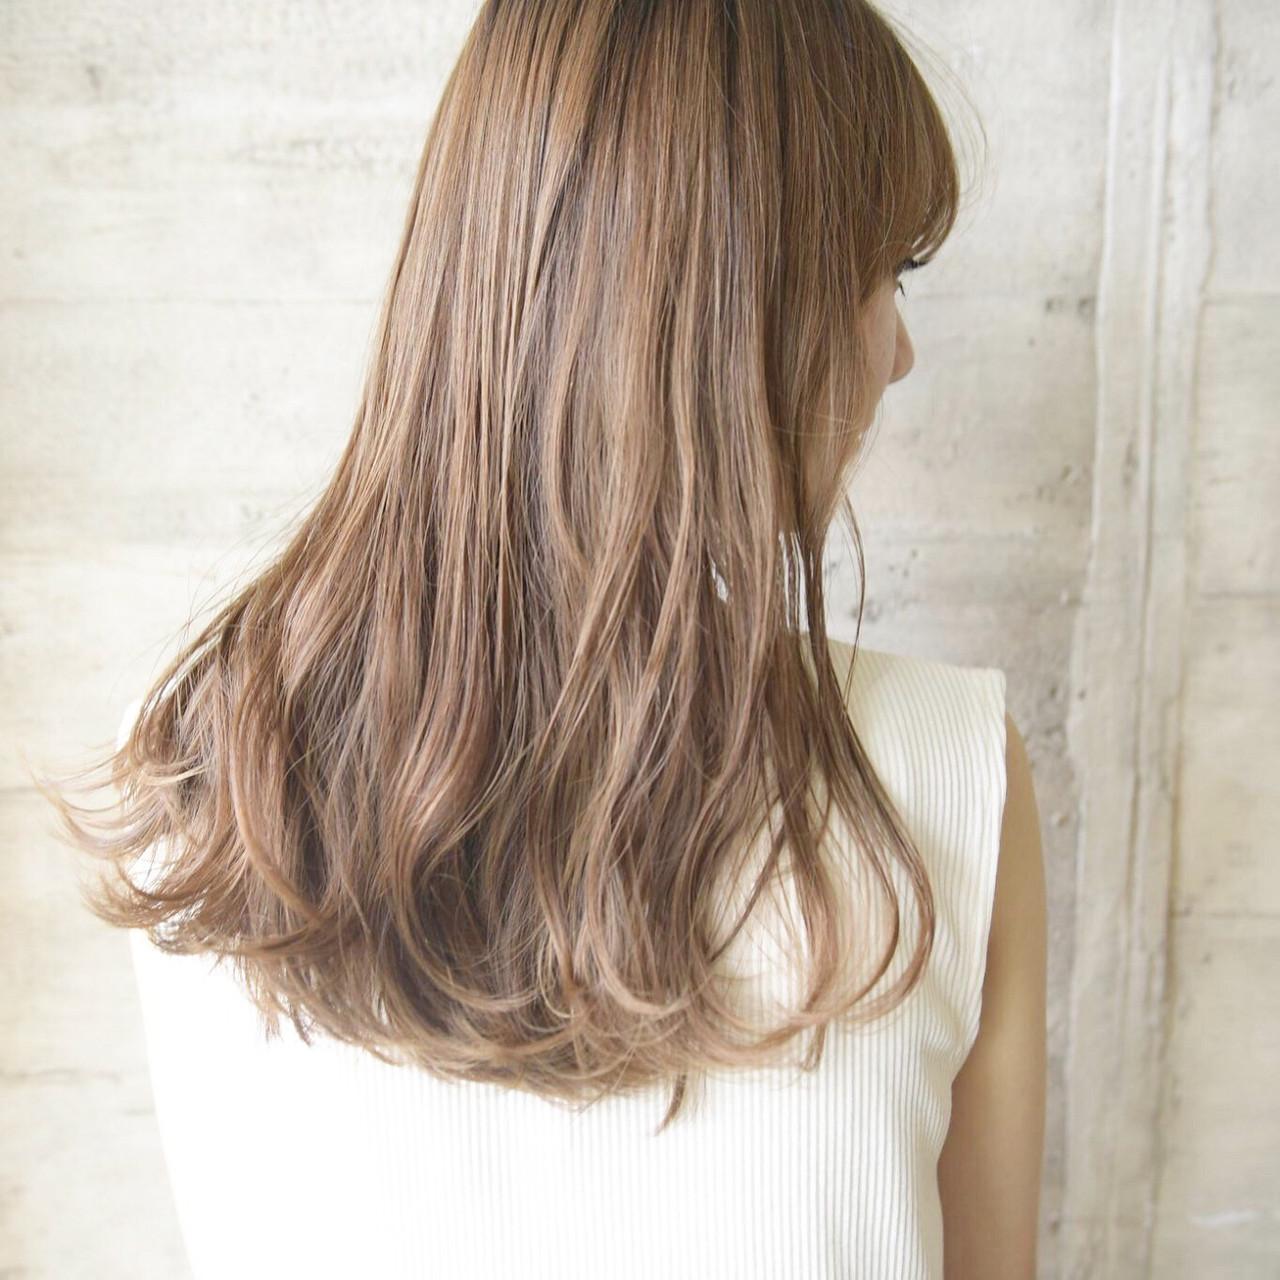 束感バング ゆるウェーブ 波巻き セミロング ヘアスタイルや髪型の写真・画像